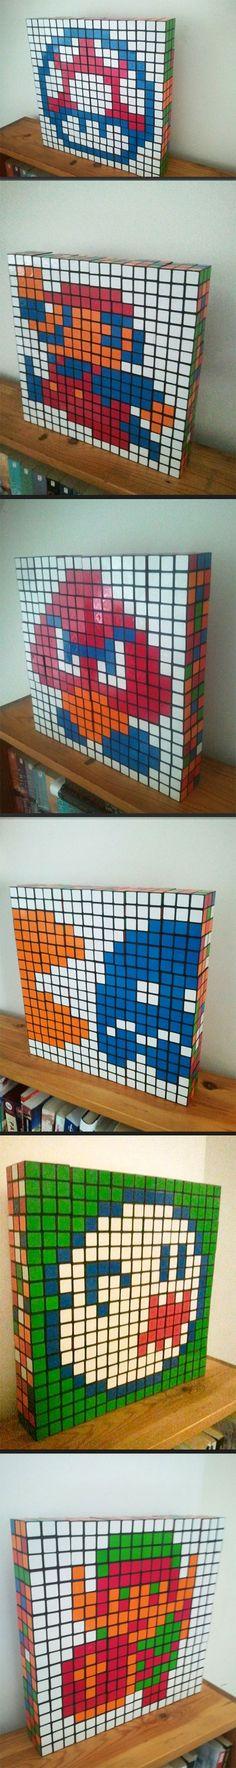 Rubik's Cube art.